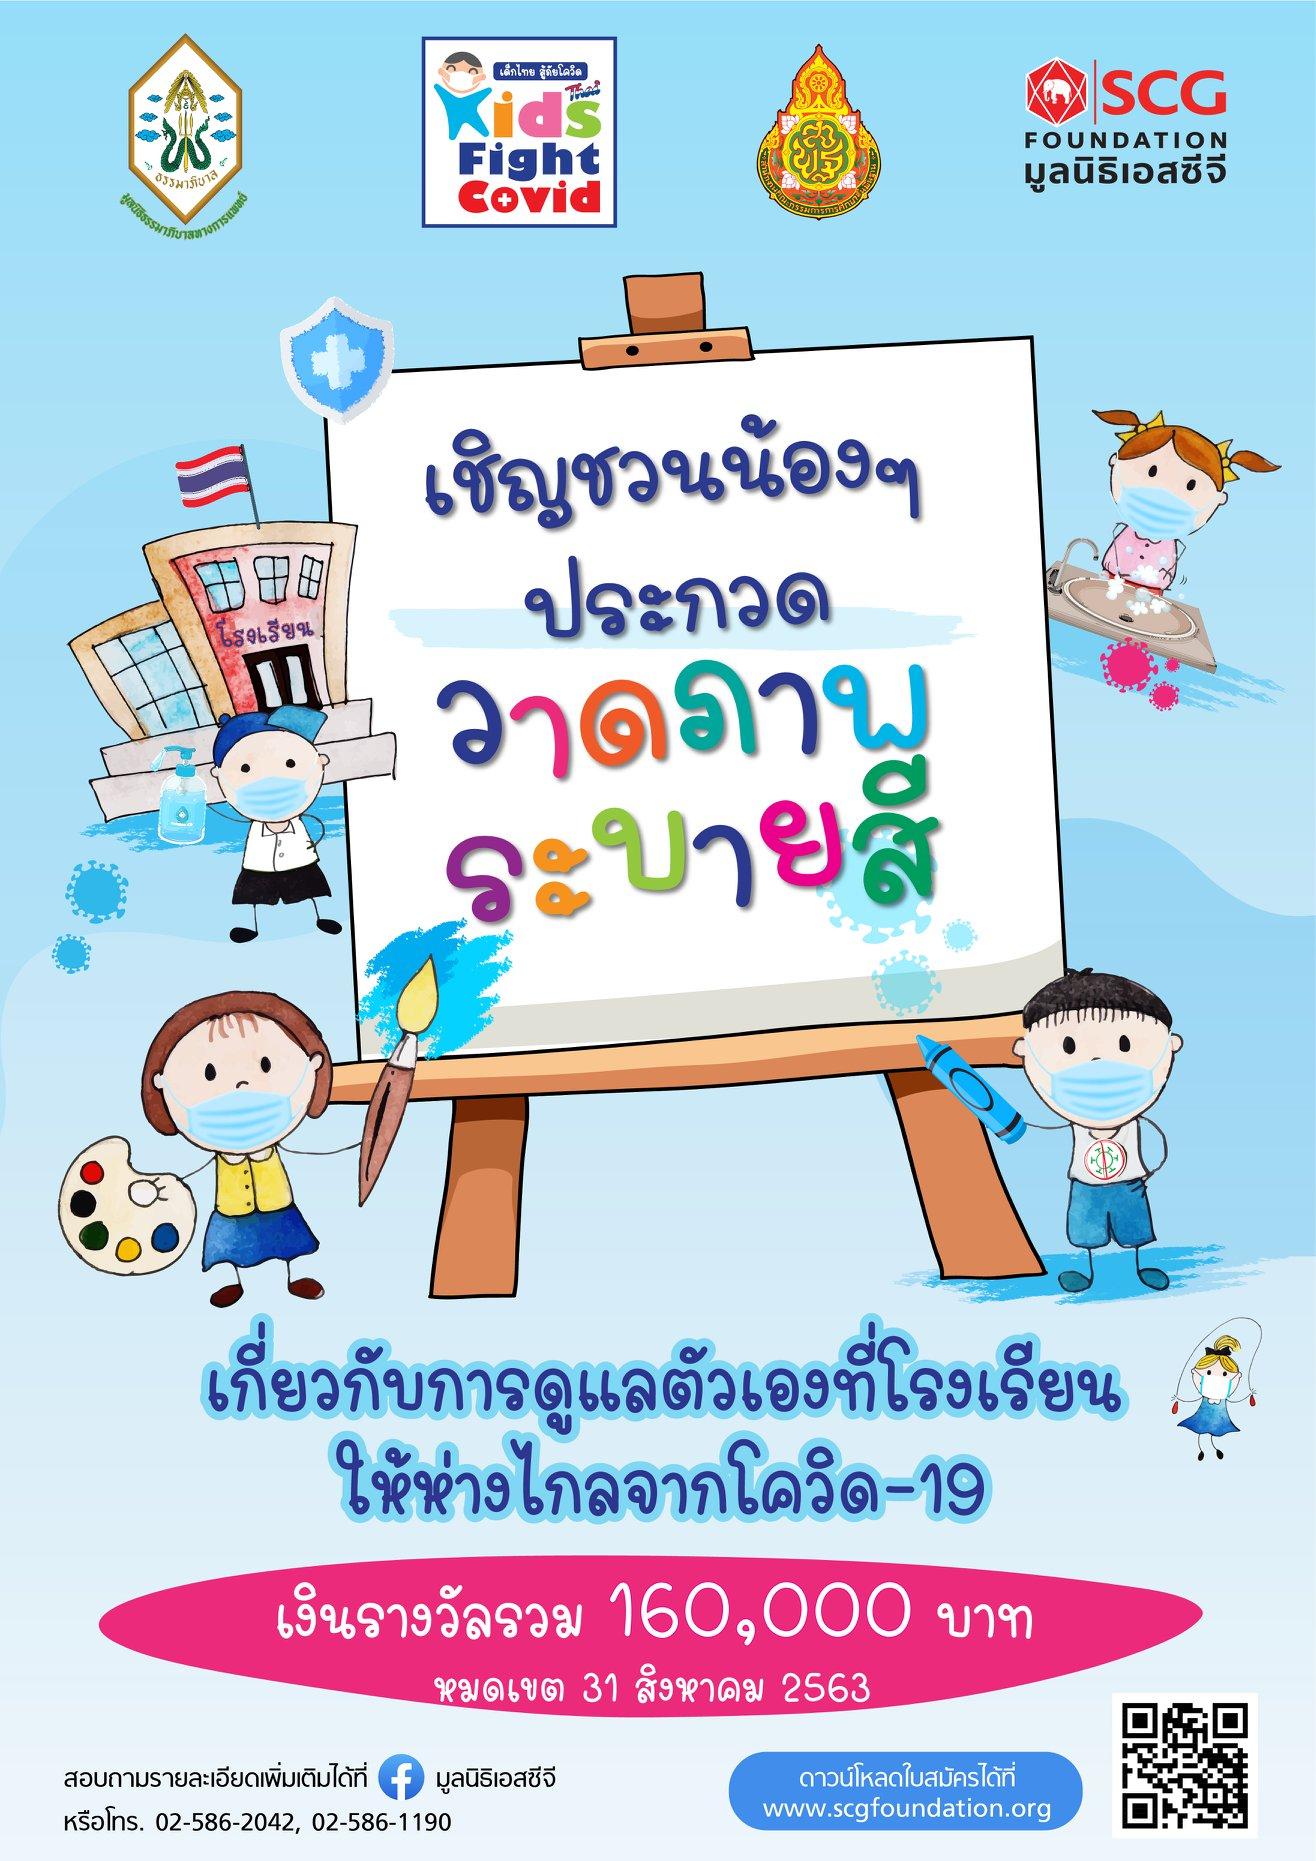 """มูลนิธิเอสซีจี เชิญชวนประกวดวาดภาพระบายสี """"เด็กไทยสู้ภัยโควิด"""" (THAI KIDS FIGHT COVID) ชิงเงินรางวัลรวม 160,000 ยาท"""